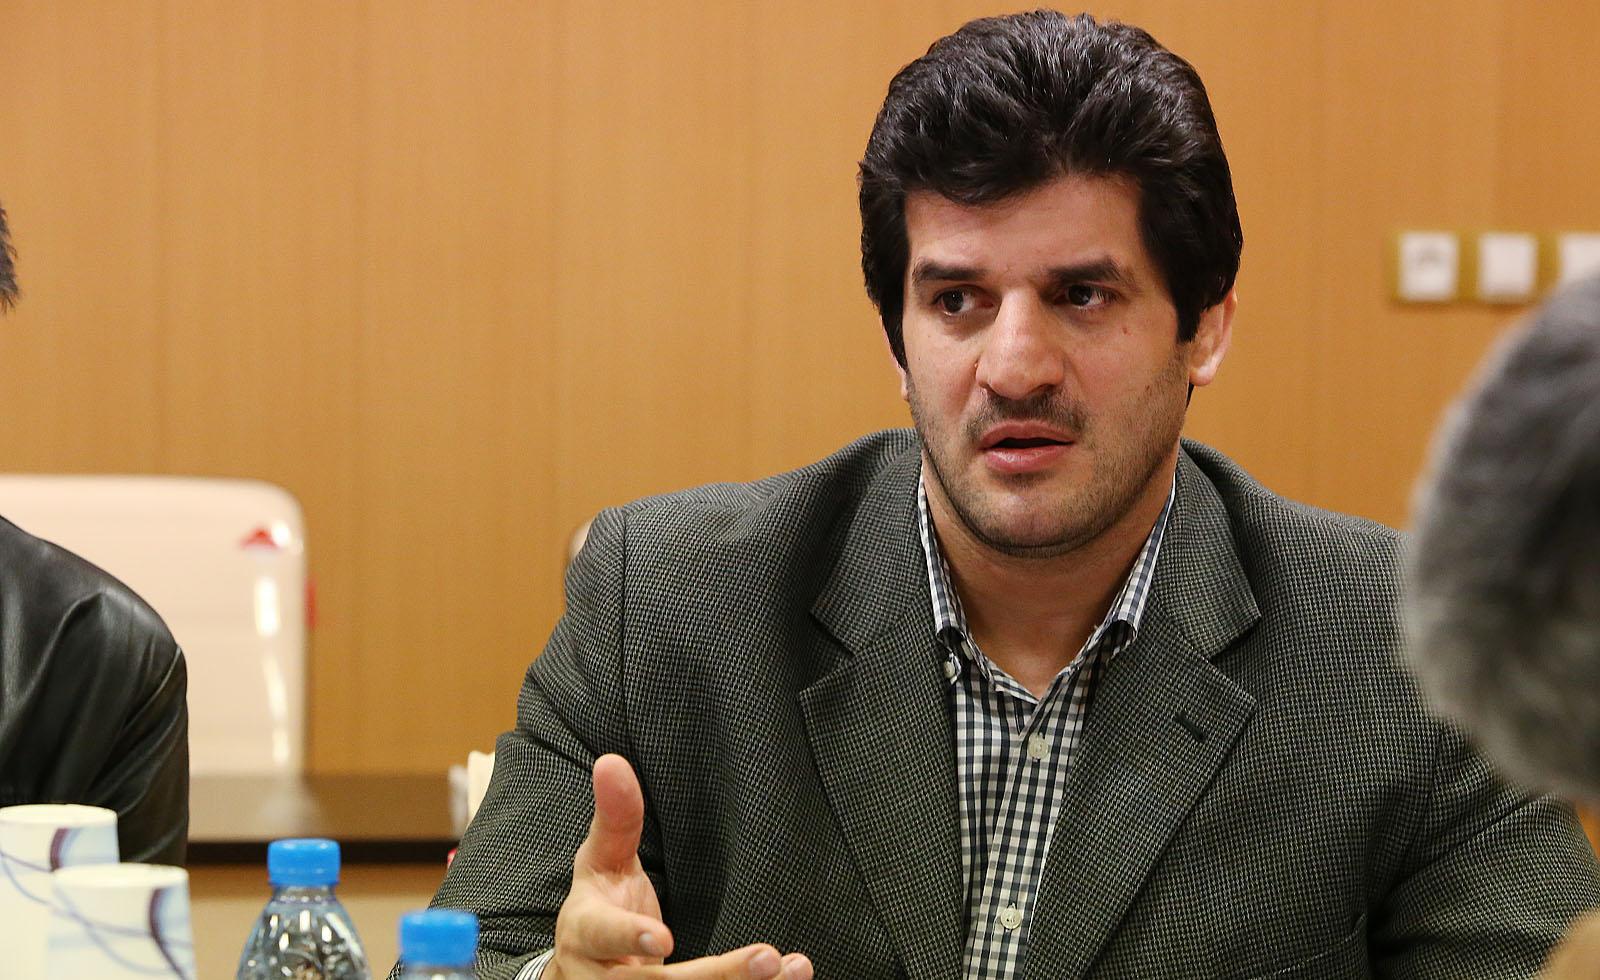 رسول خادم سرمربی تیم ملی کشتی آزاد شد/تغییرات در تیم نوجوانان